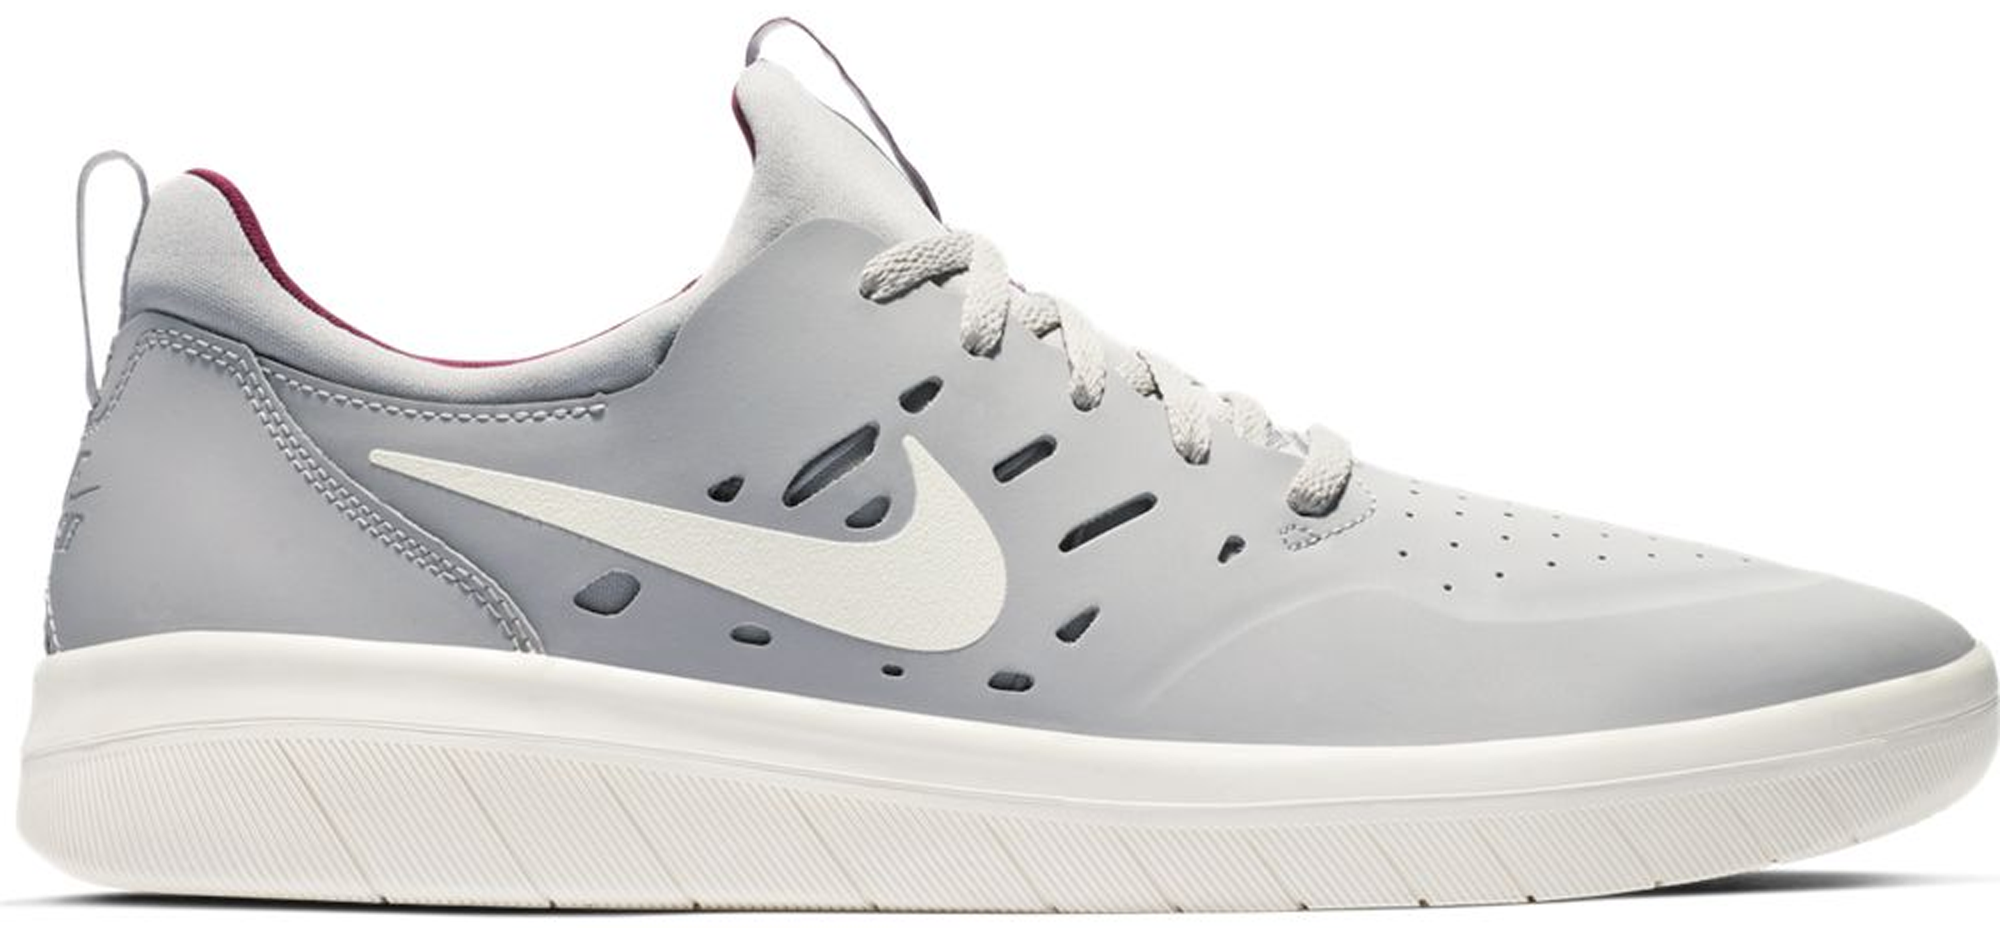 Nike SB Nyjah Atmosphere Grey True